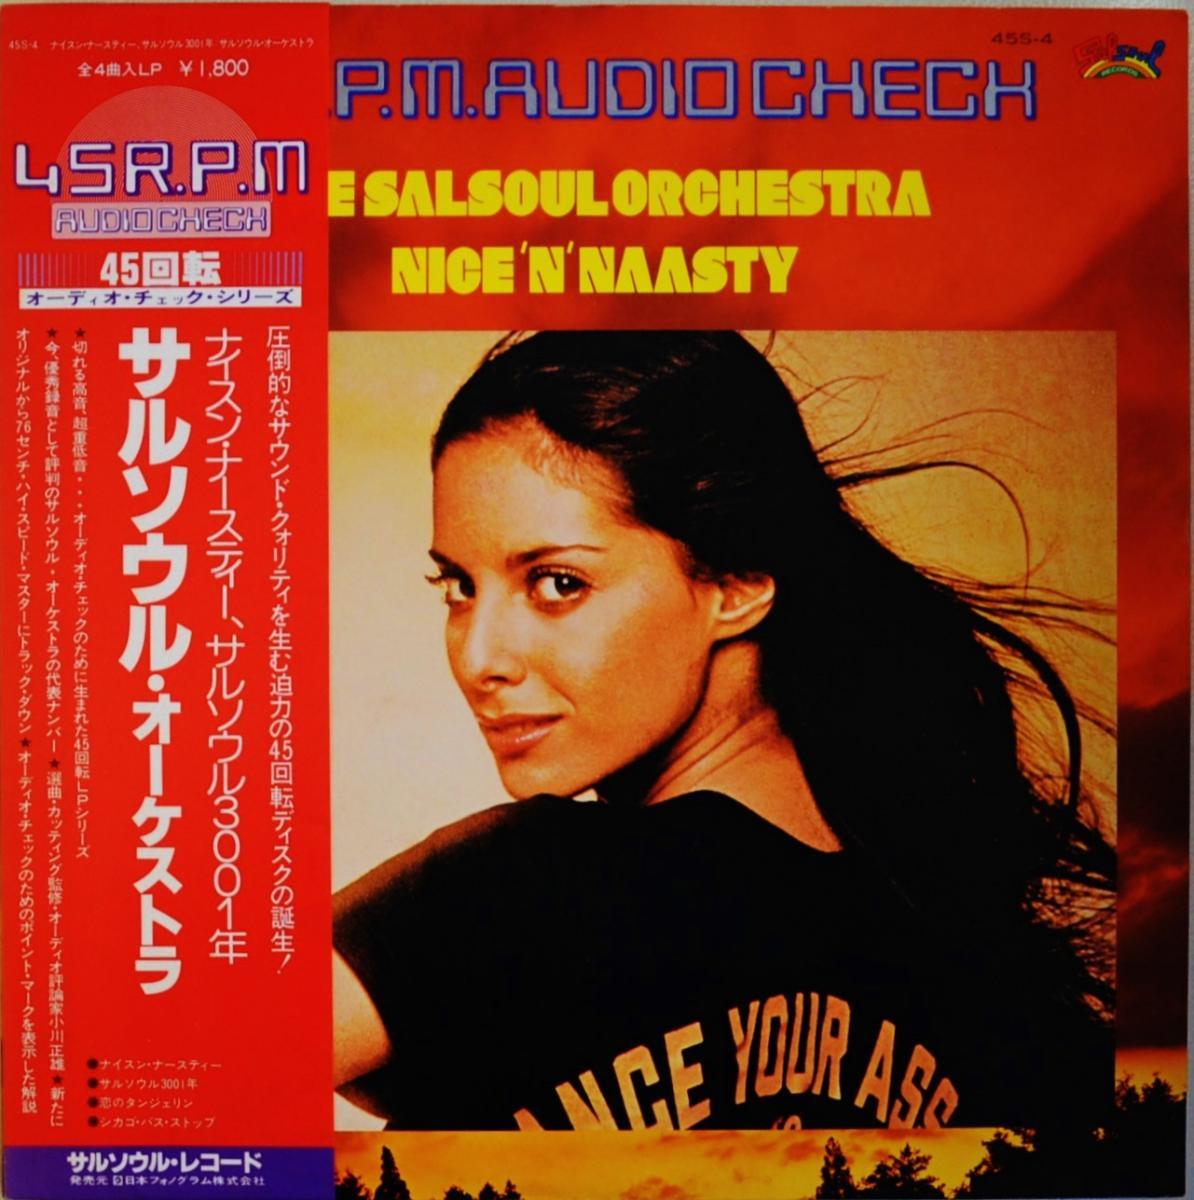 サルソウル・オーケストラ THE SALSOUL ORCHESTRA / ナイスン・ナースティー / サルソウル3001年 (12